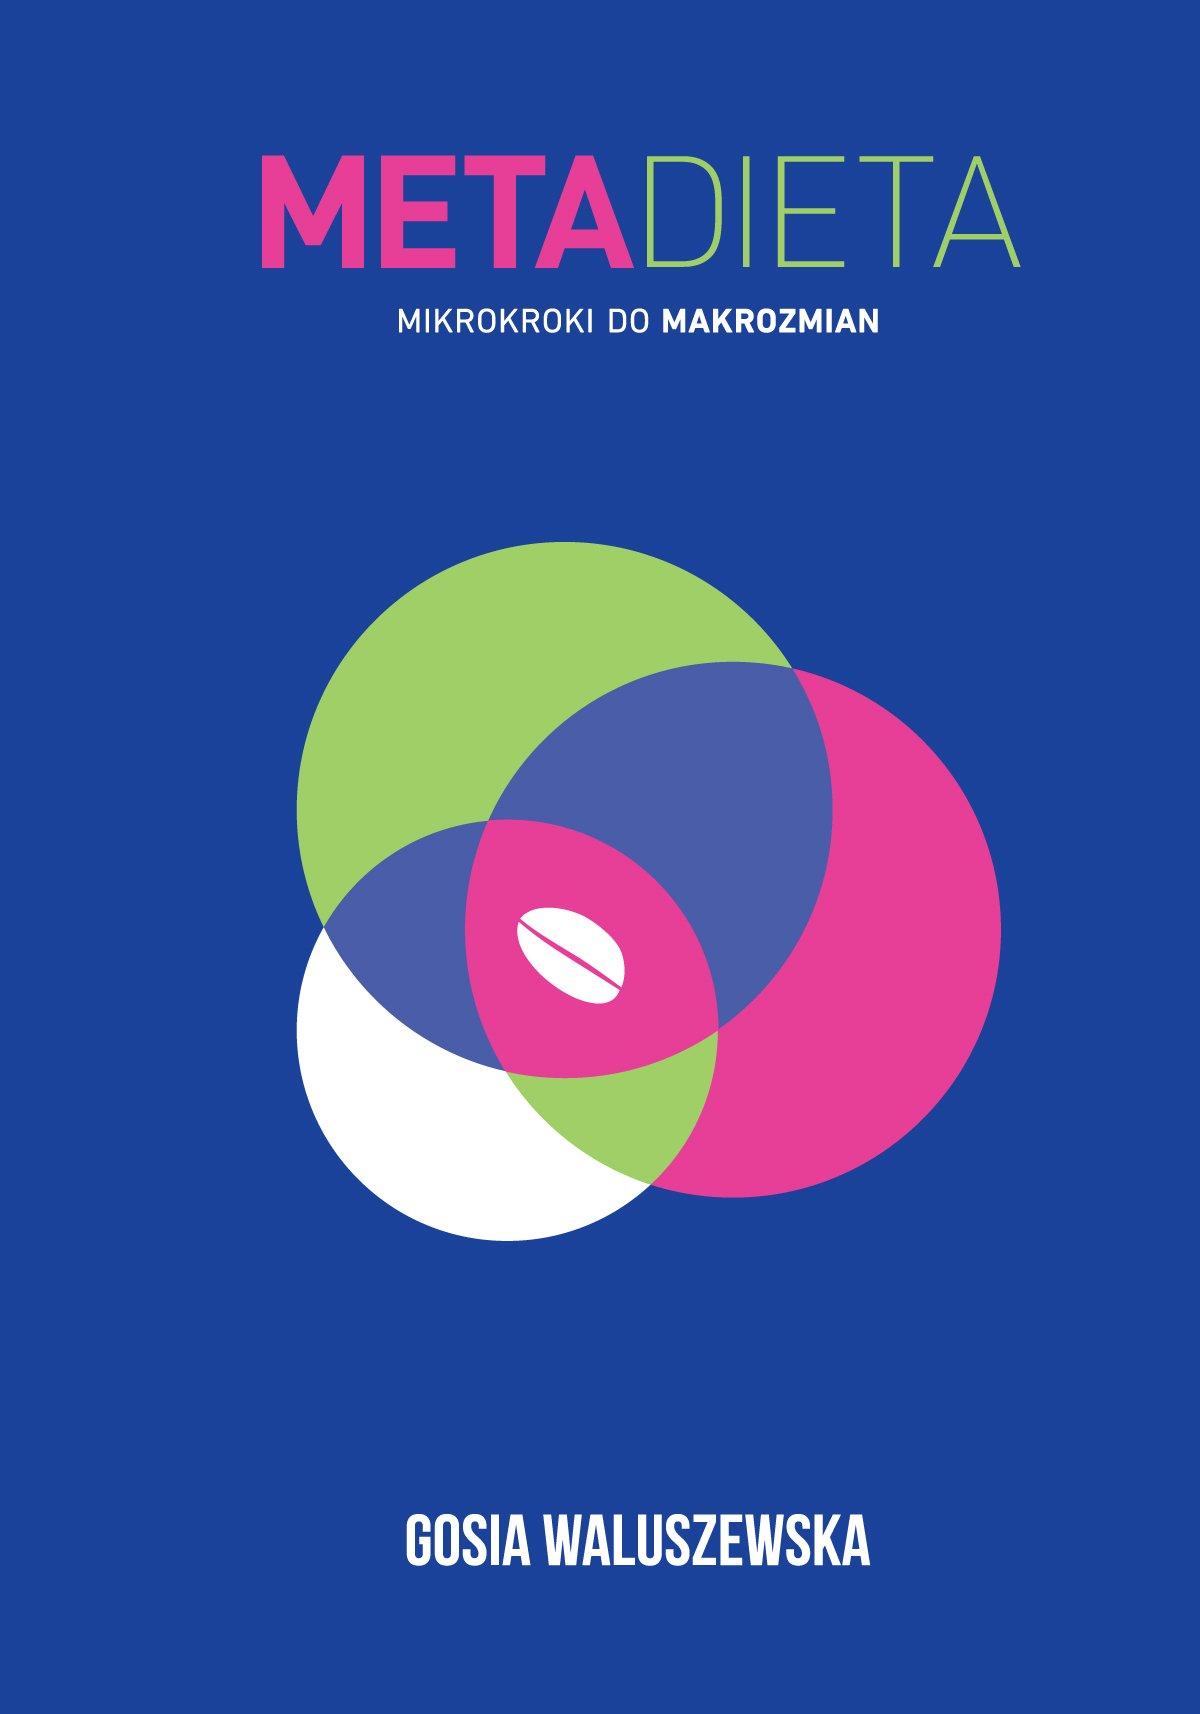 METADIETA. Mikrokroki do makrozmian - Ebook (Książka EPUB) do pobrania w formacie EPUB